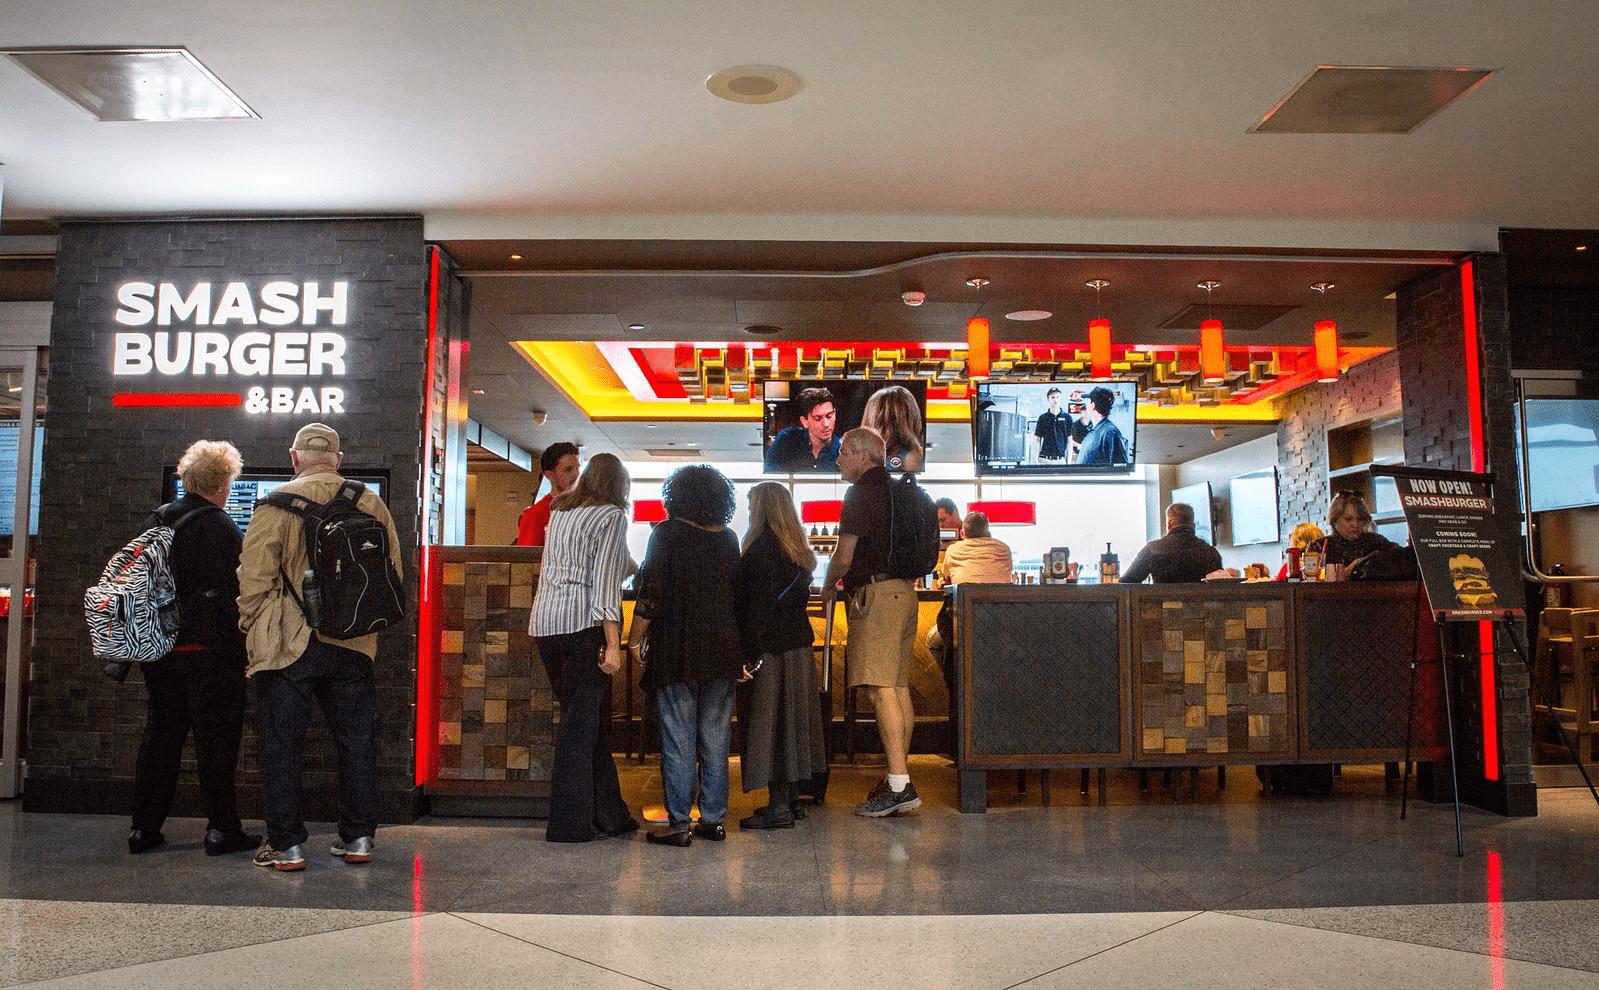 Smashburger location in Denver International Airport